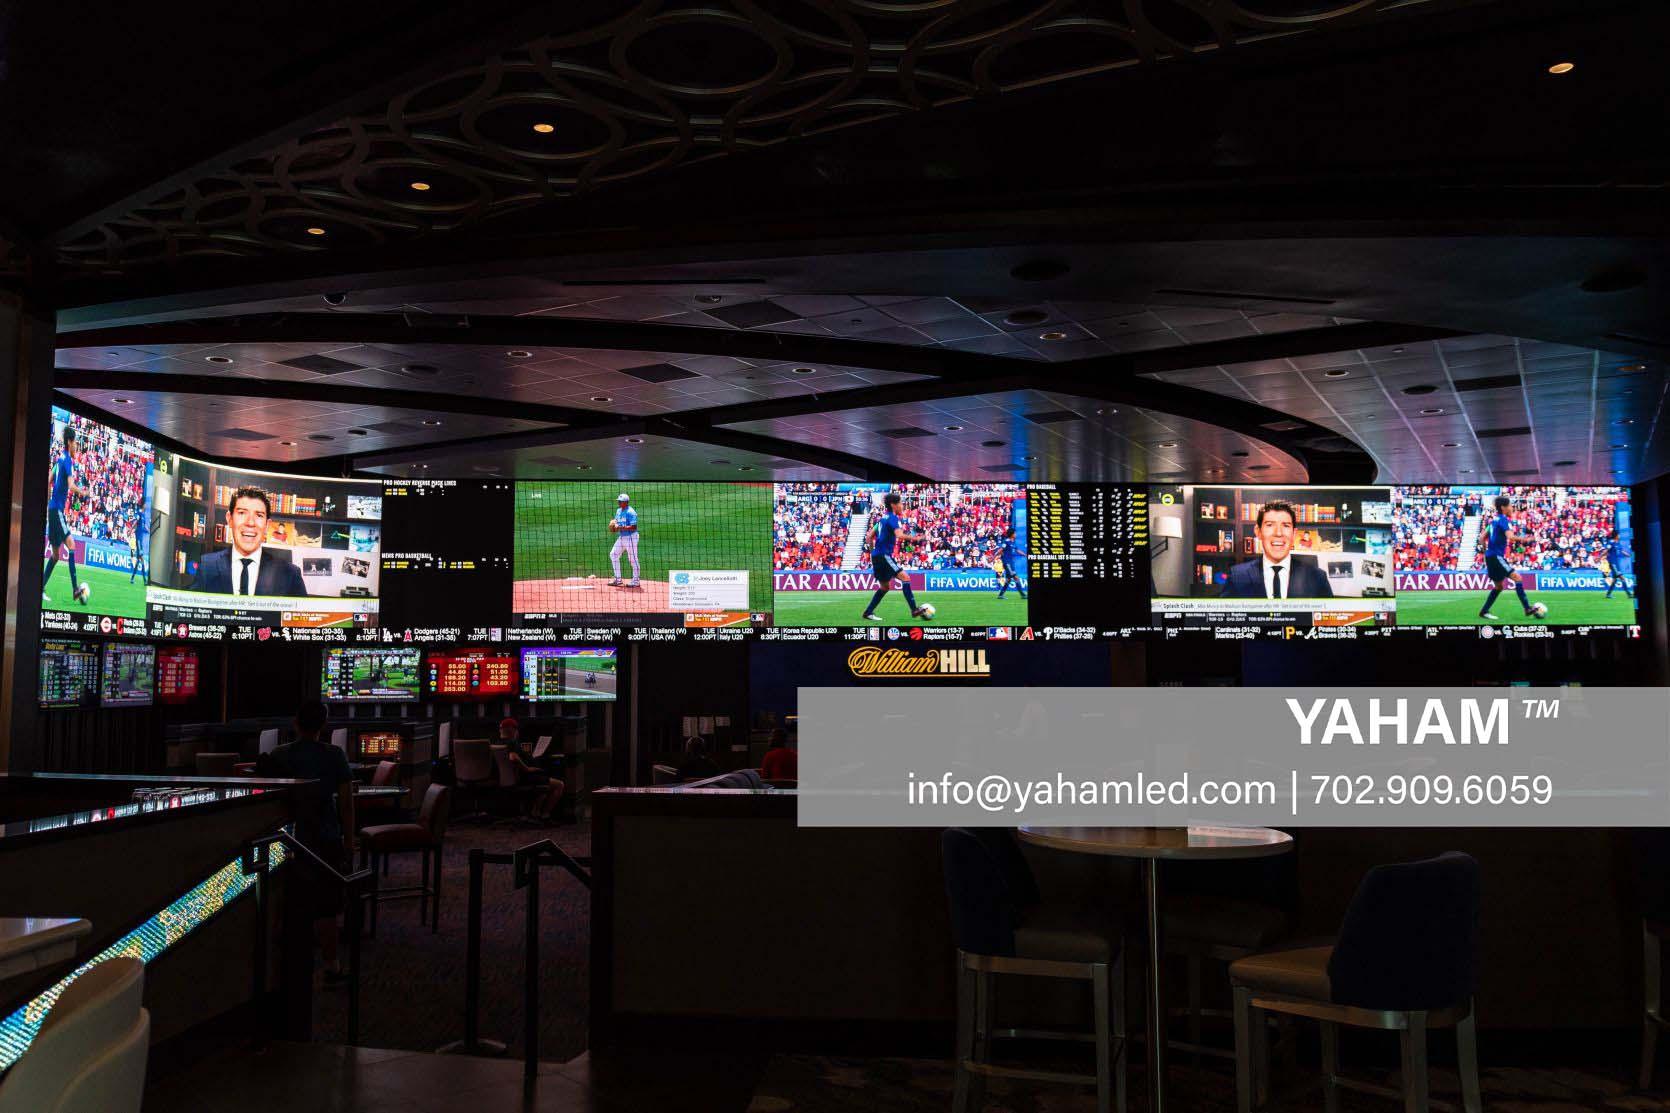 led signage manufacturers - Yaham